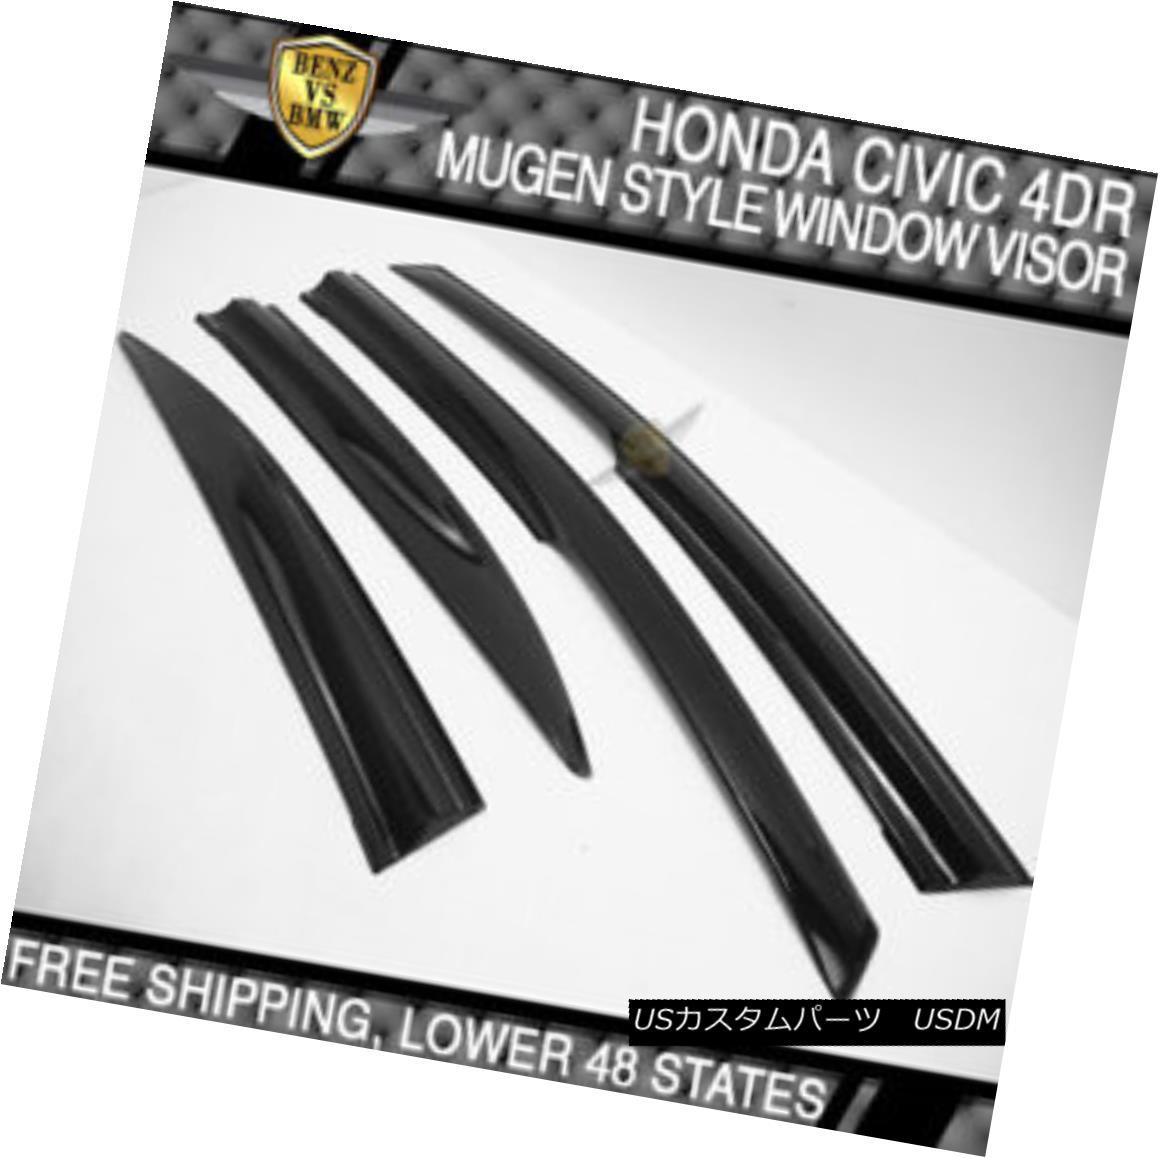 エアロパーツ USA Stock 06-11 Civic 8th Gen 4Dr 4Door MU MUG Smoke Transparent Window Visor USAストック06-11シビック8世4Dr 4ドゥーミュウミュウスモーク透明窓バイザー